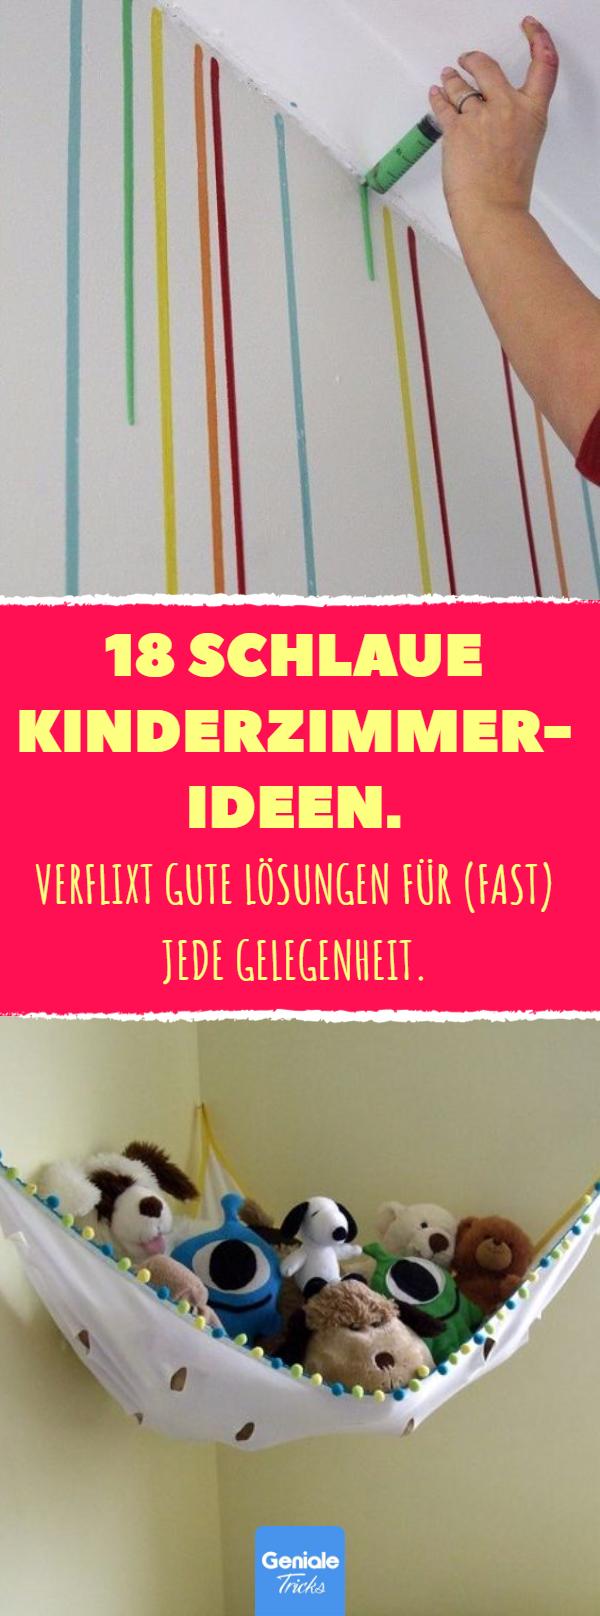 18 schlaue kinderzimmer ideen kinderzimmer einrichten for Raumgestaltung do it yourself